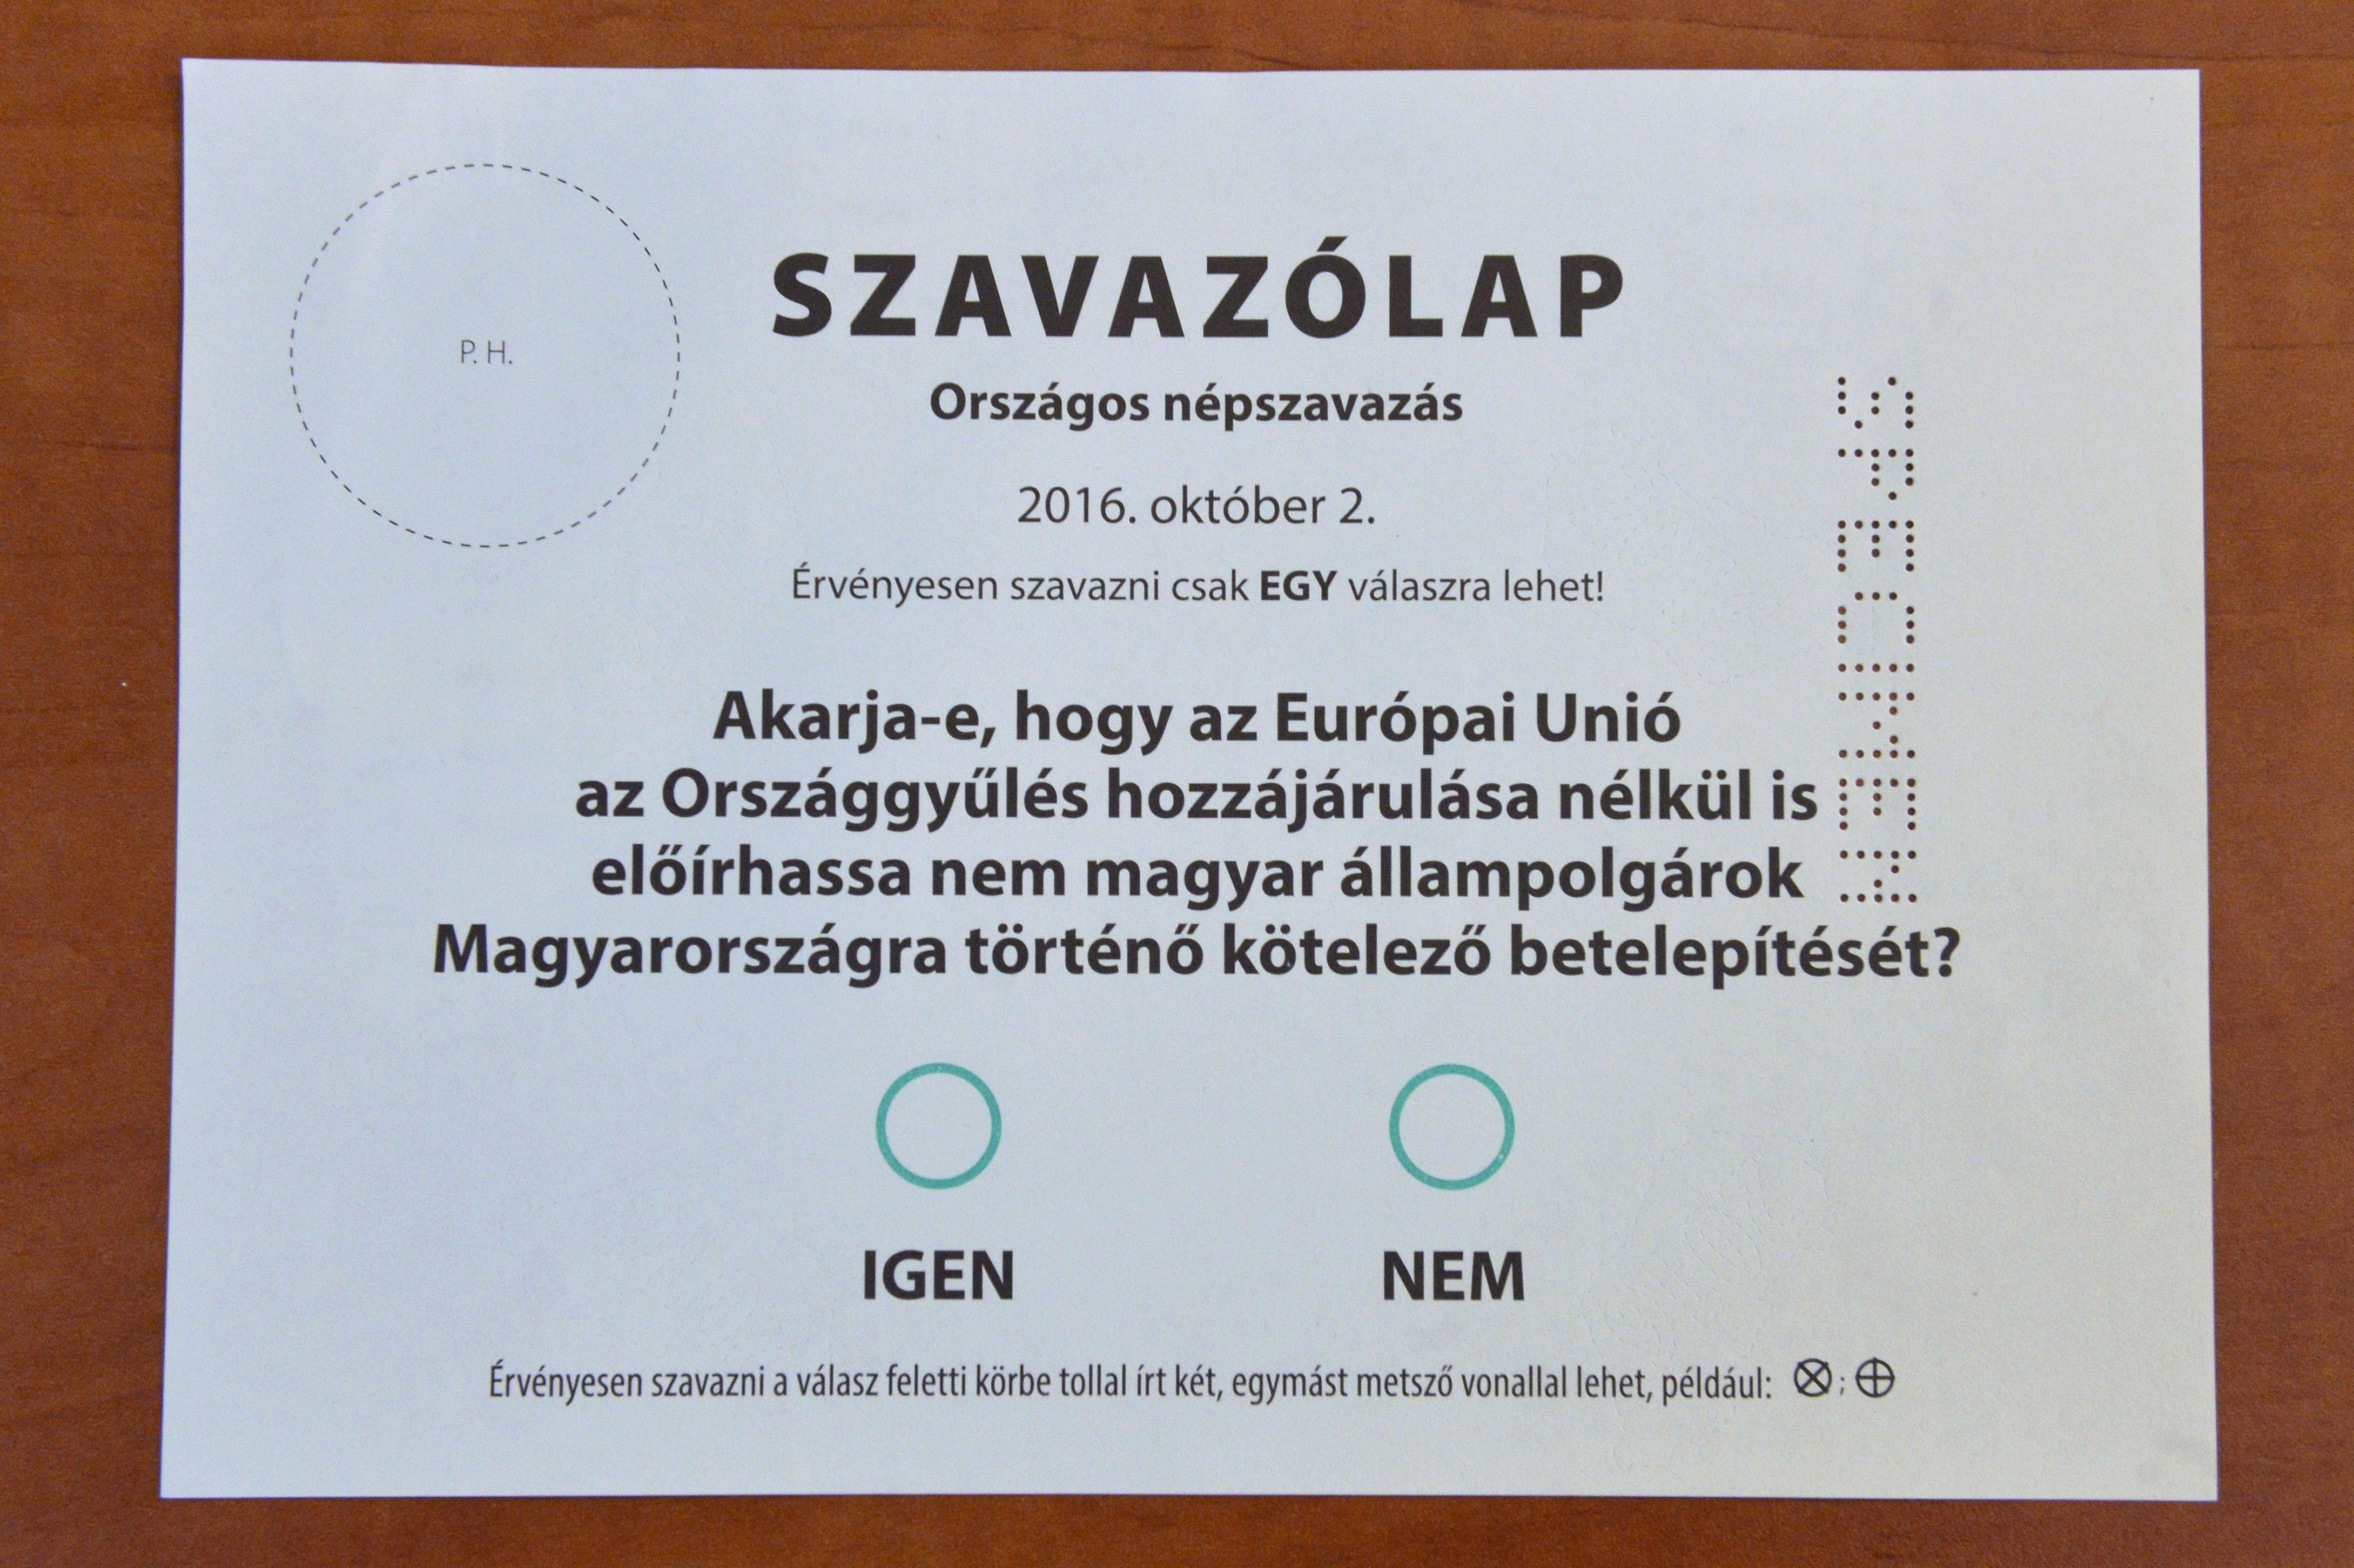 A DK feljelentést tesz mert minisztériumi és önkormányzati hivatalnokok a kvótareferendumon való részvétel és a nem szavazat mellett győzködik a választókat